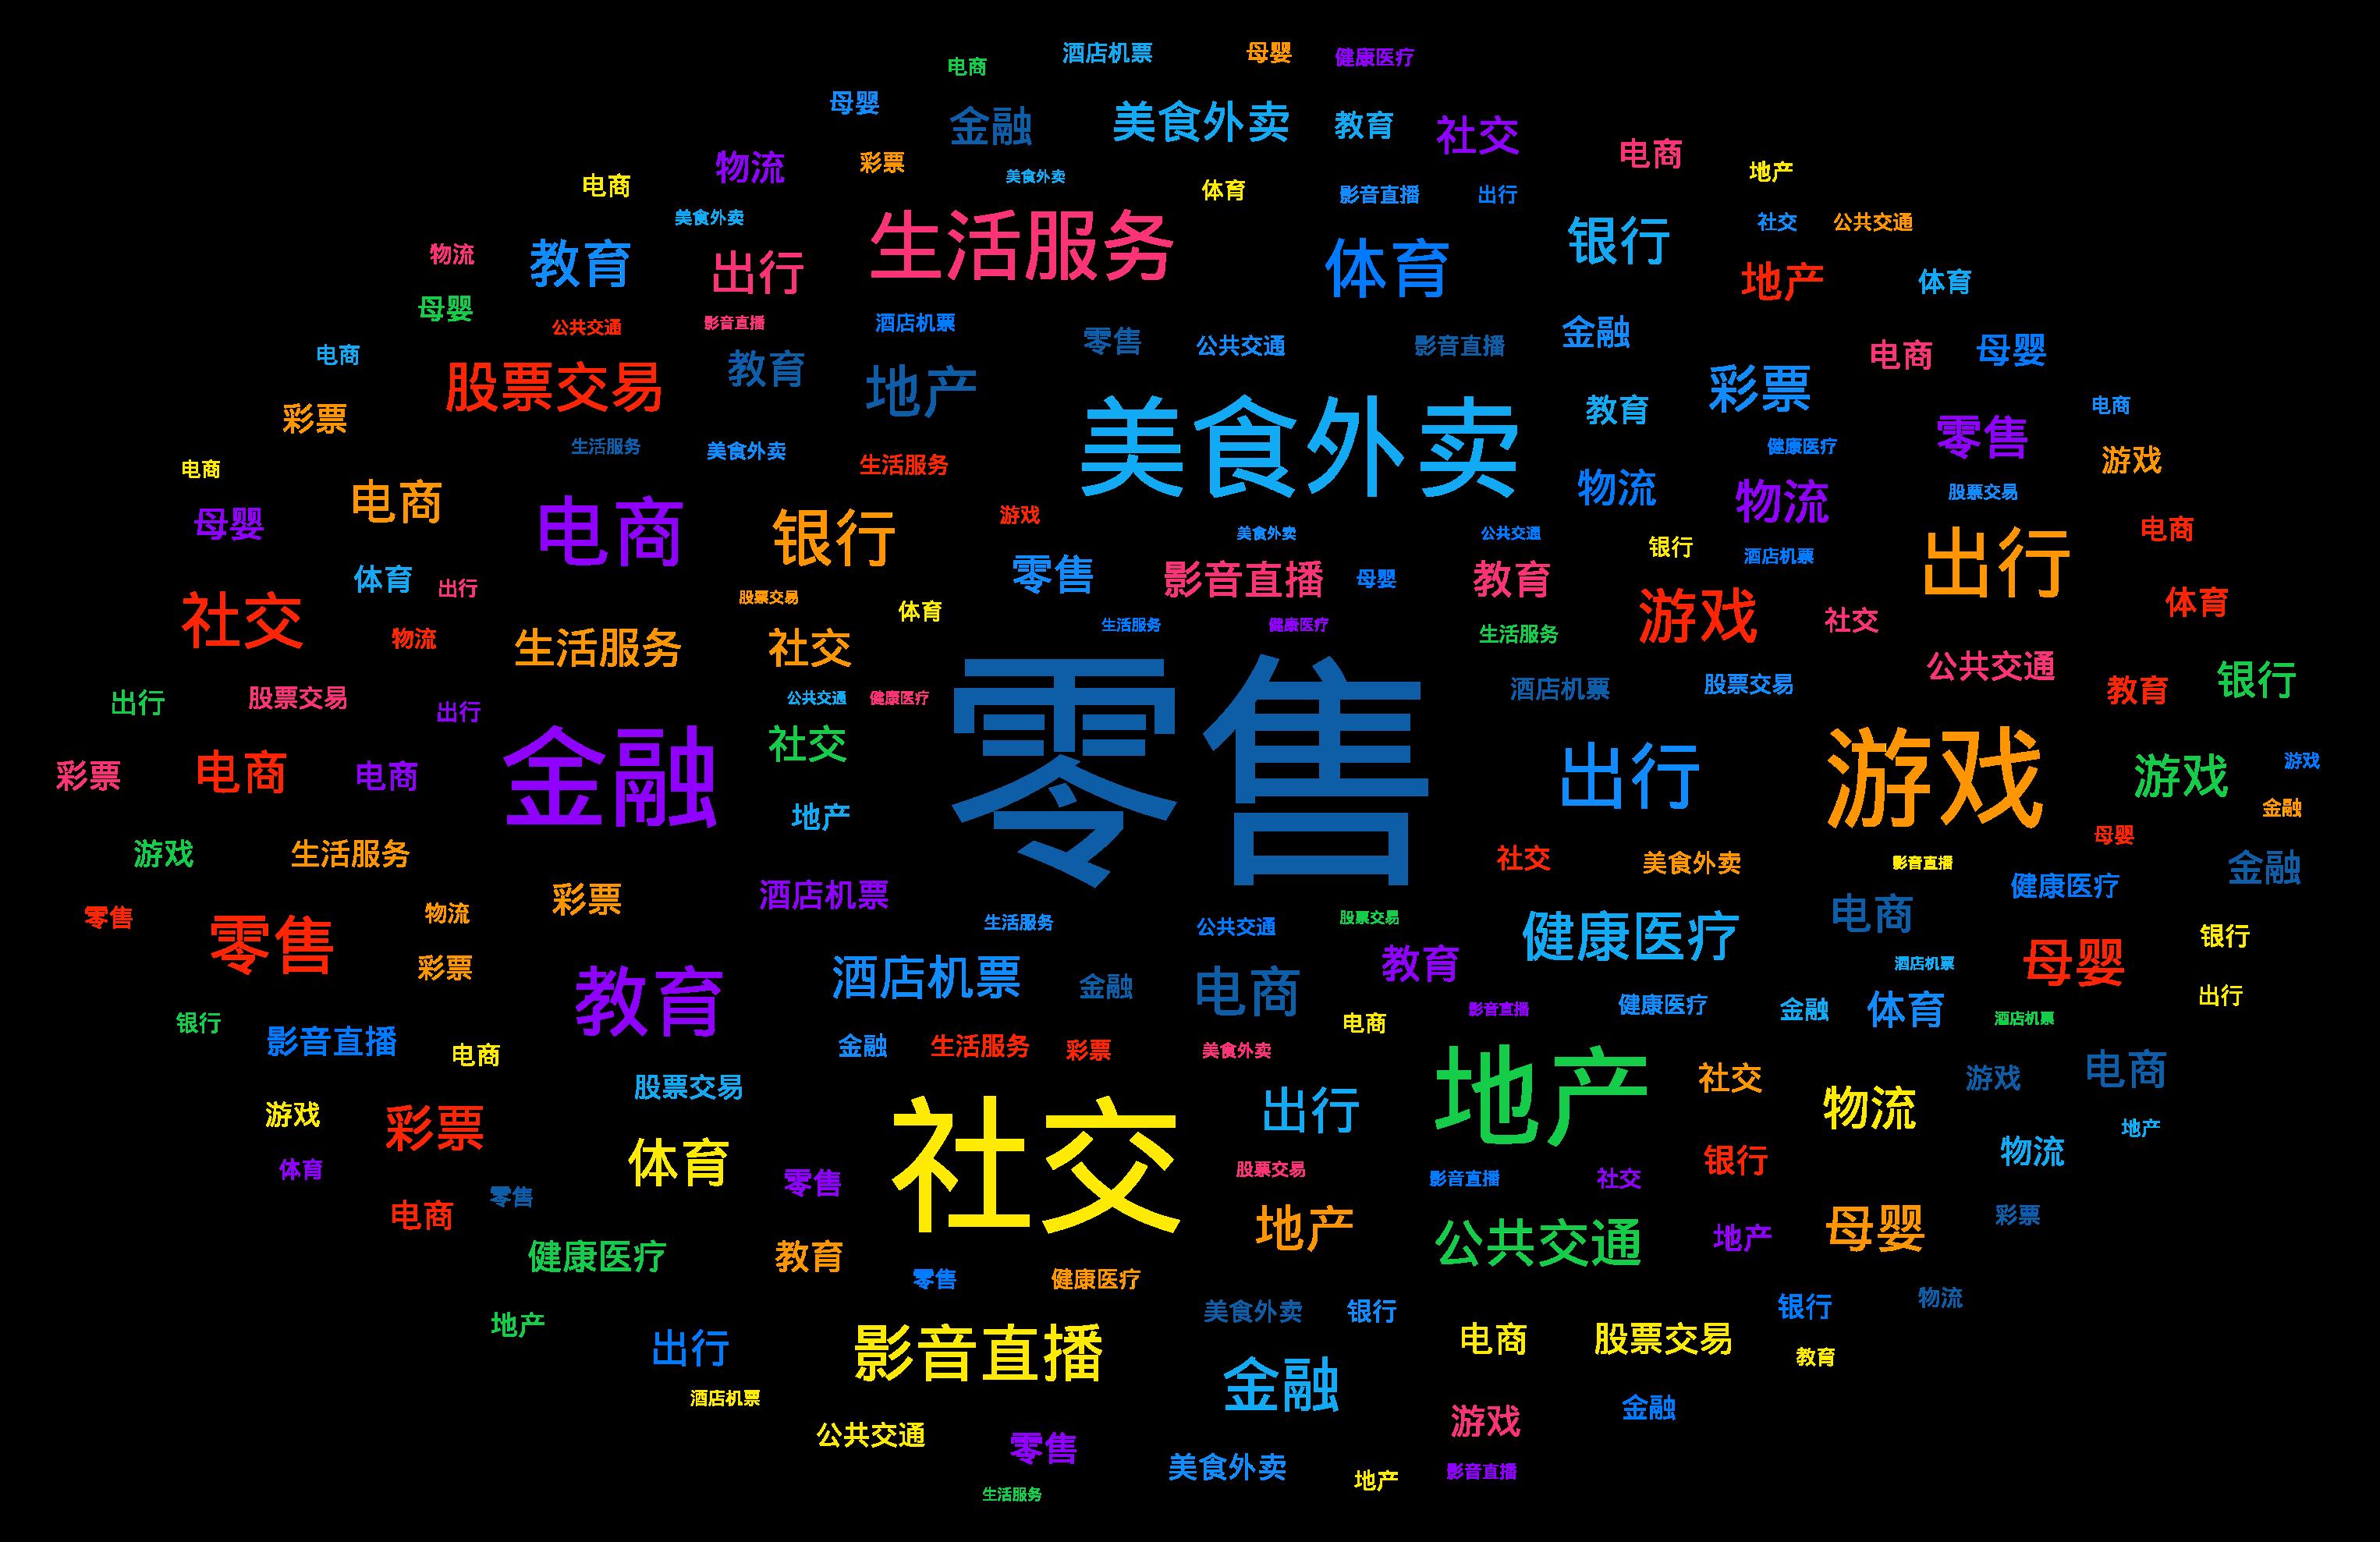 词云图,文字云图,零售 社交 美食外卖 游戏 金融 地产 生活服务 电商 教育 出行